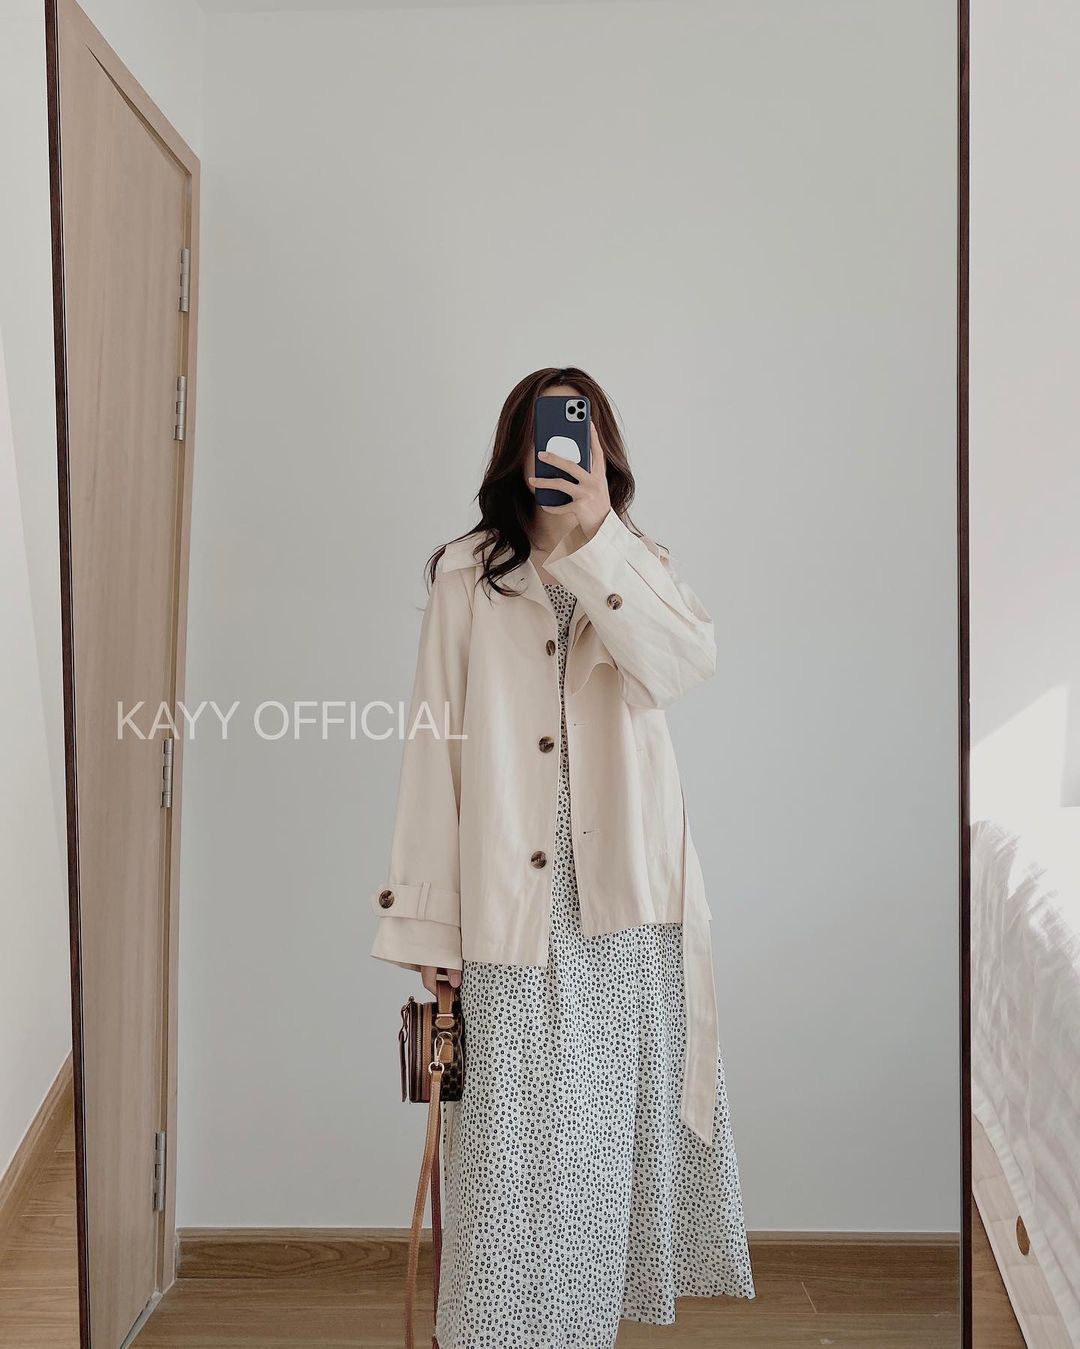 Sắm trench coat lúc này là đúng đắn nhất, lên đồ đơn giản cỡ nào cũng sang chảnh hay ho như gái Hàn - Ảnh 6.